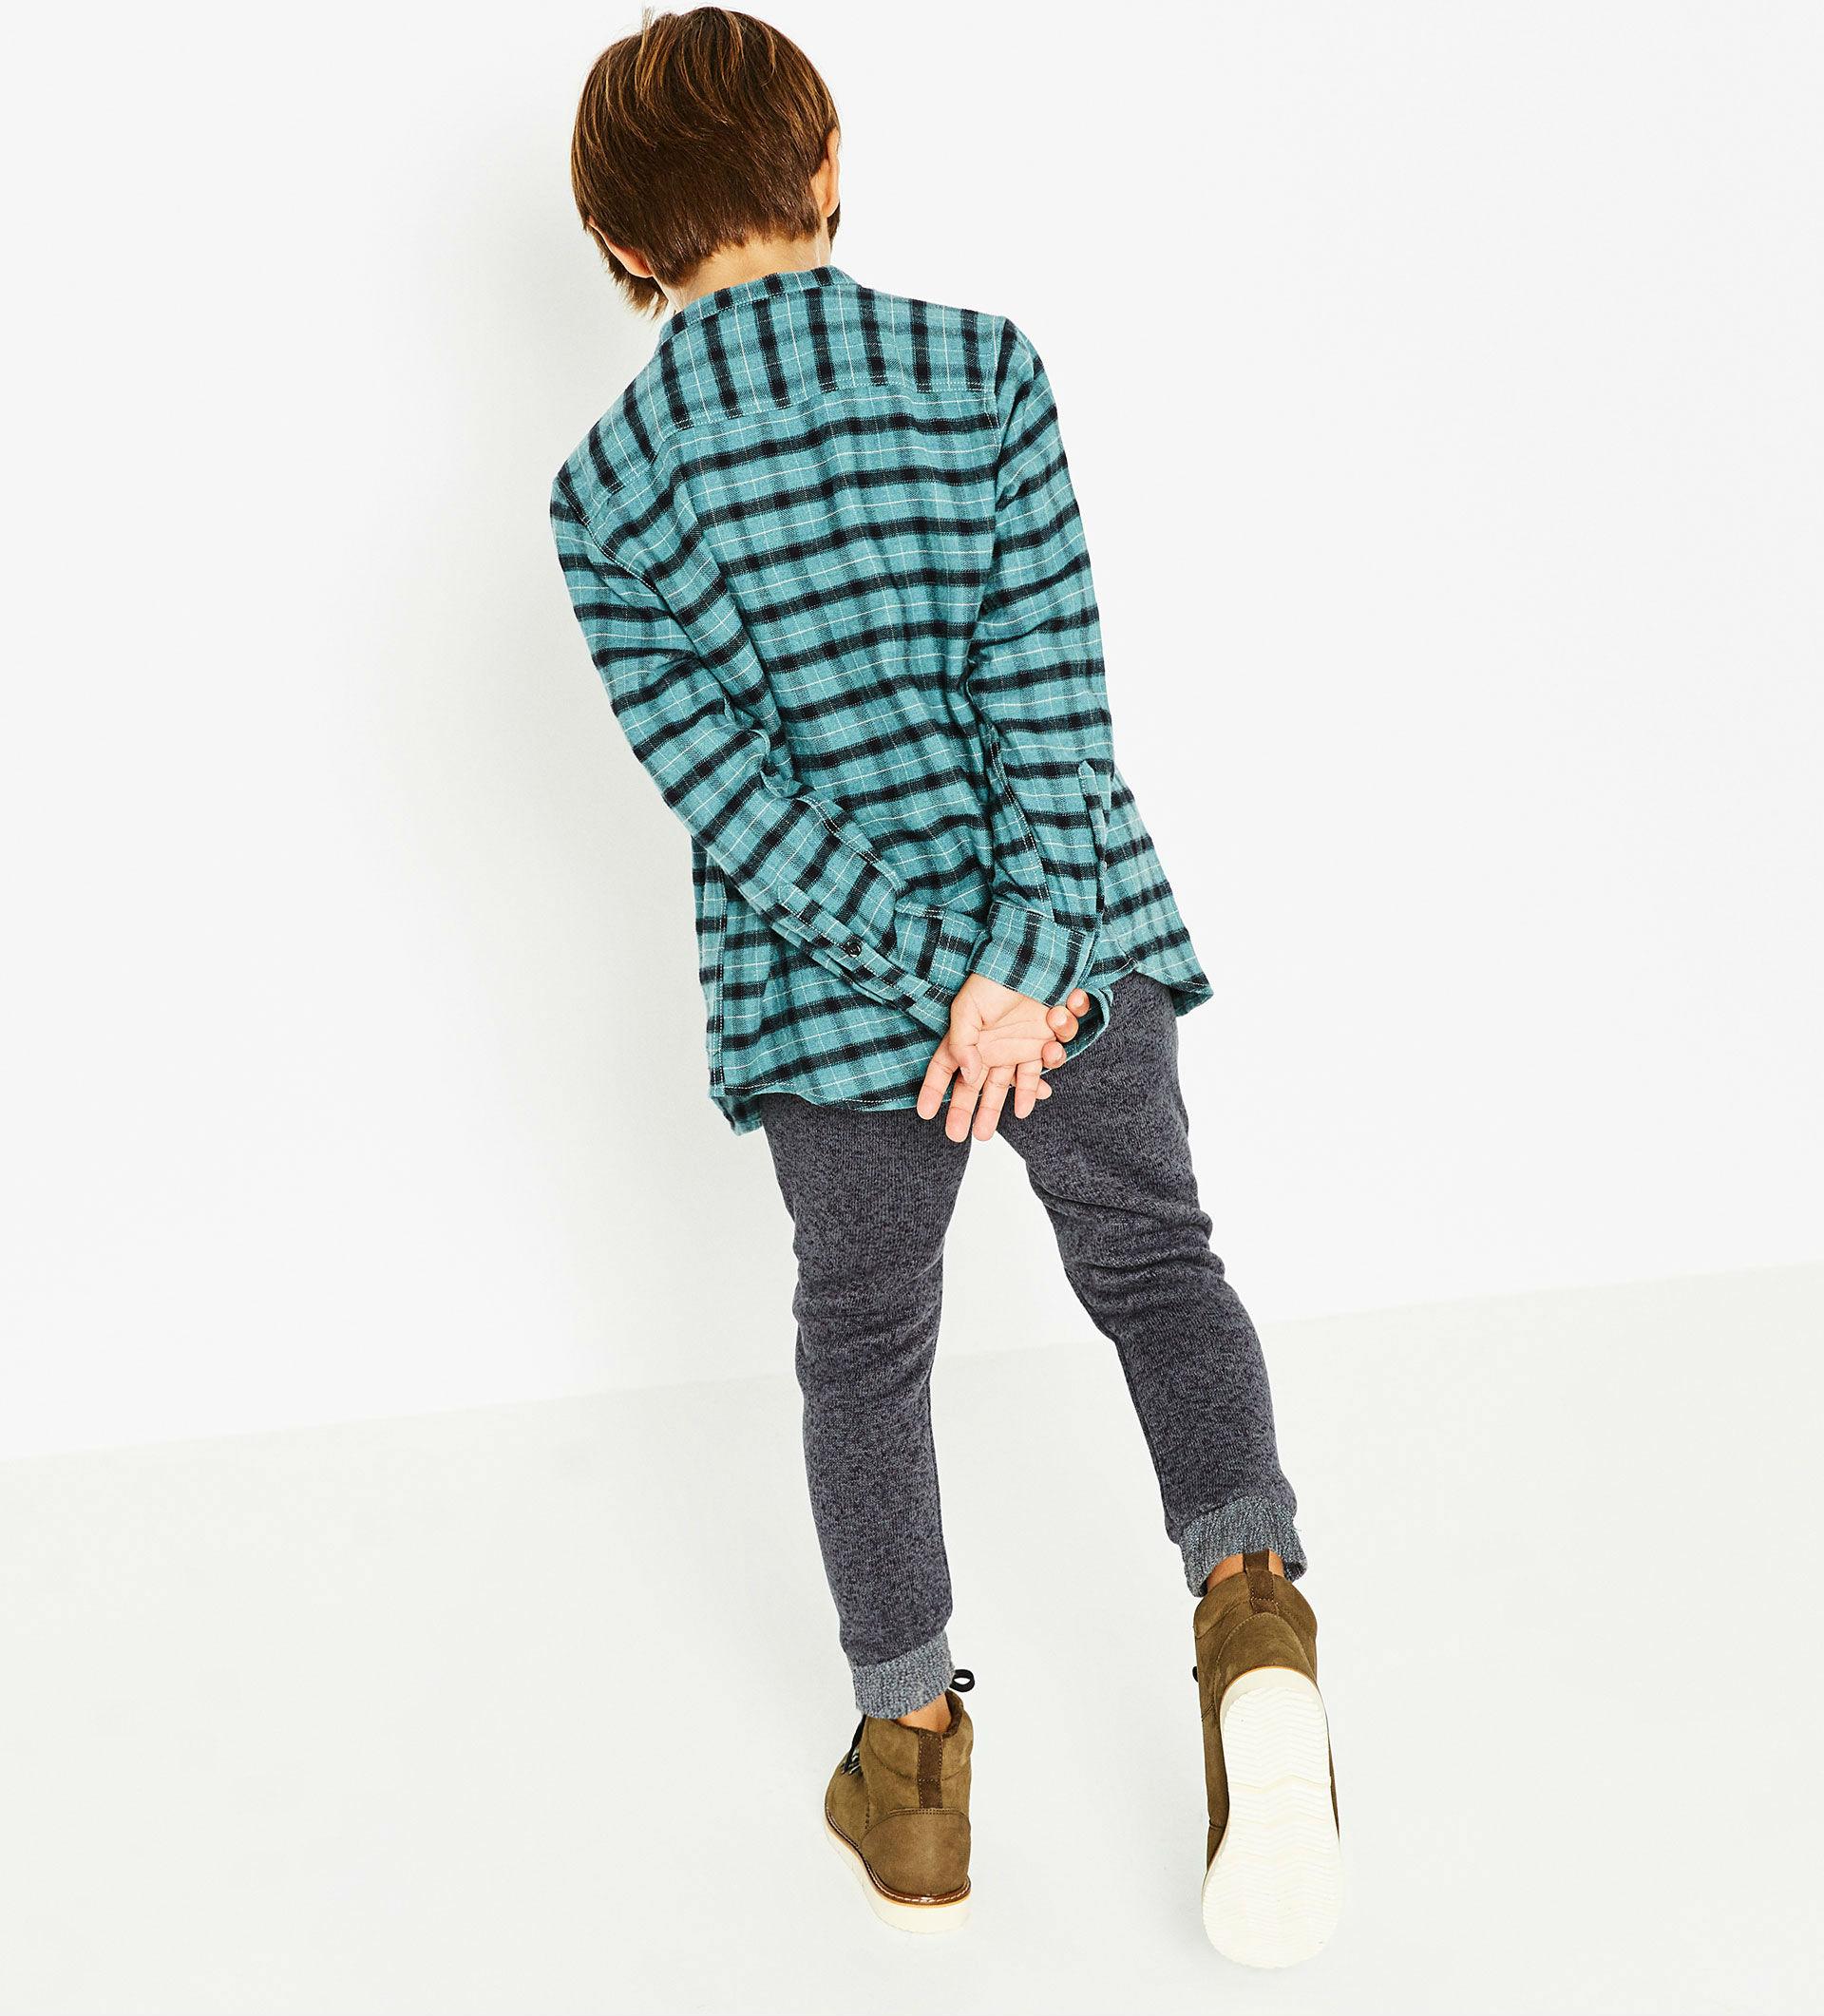 pantalon gris niño invierno 2016 zara kids